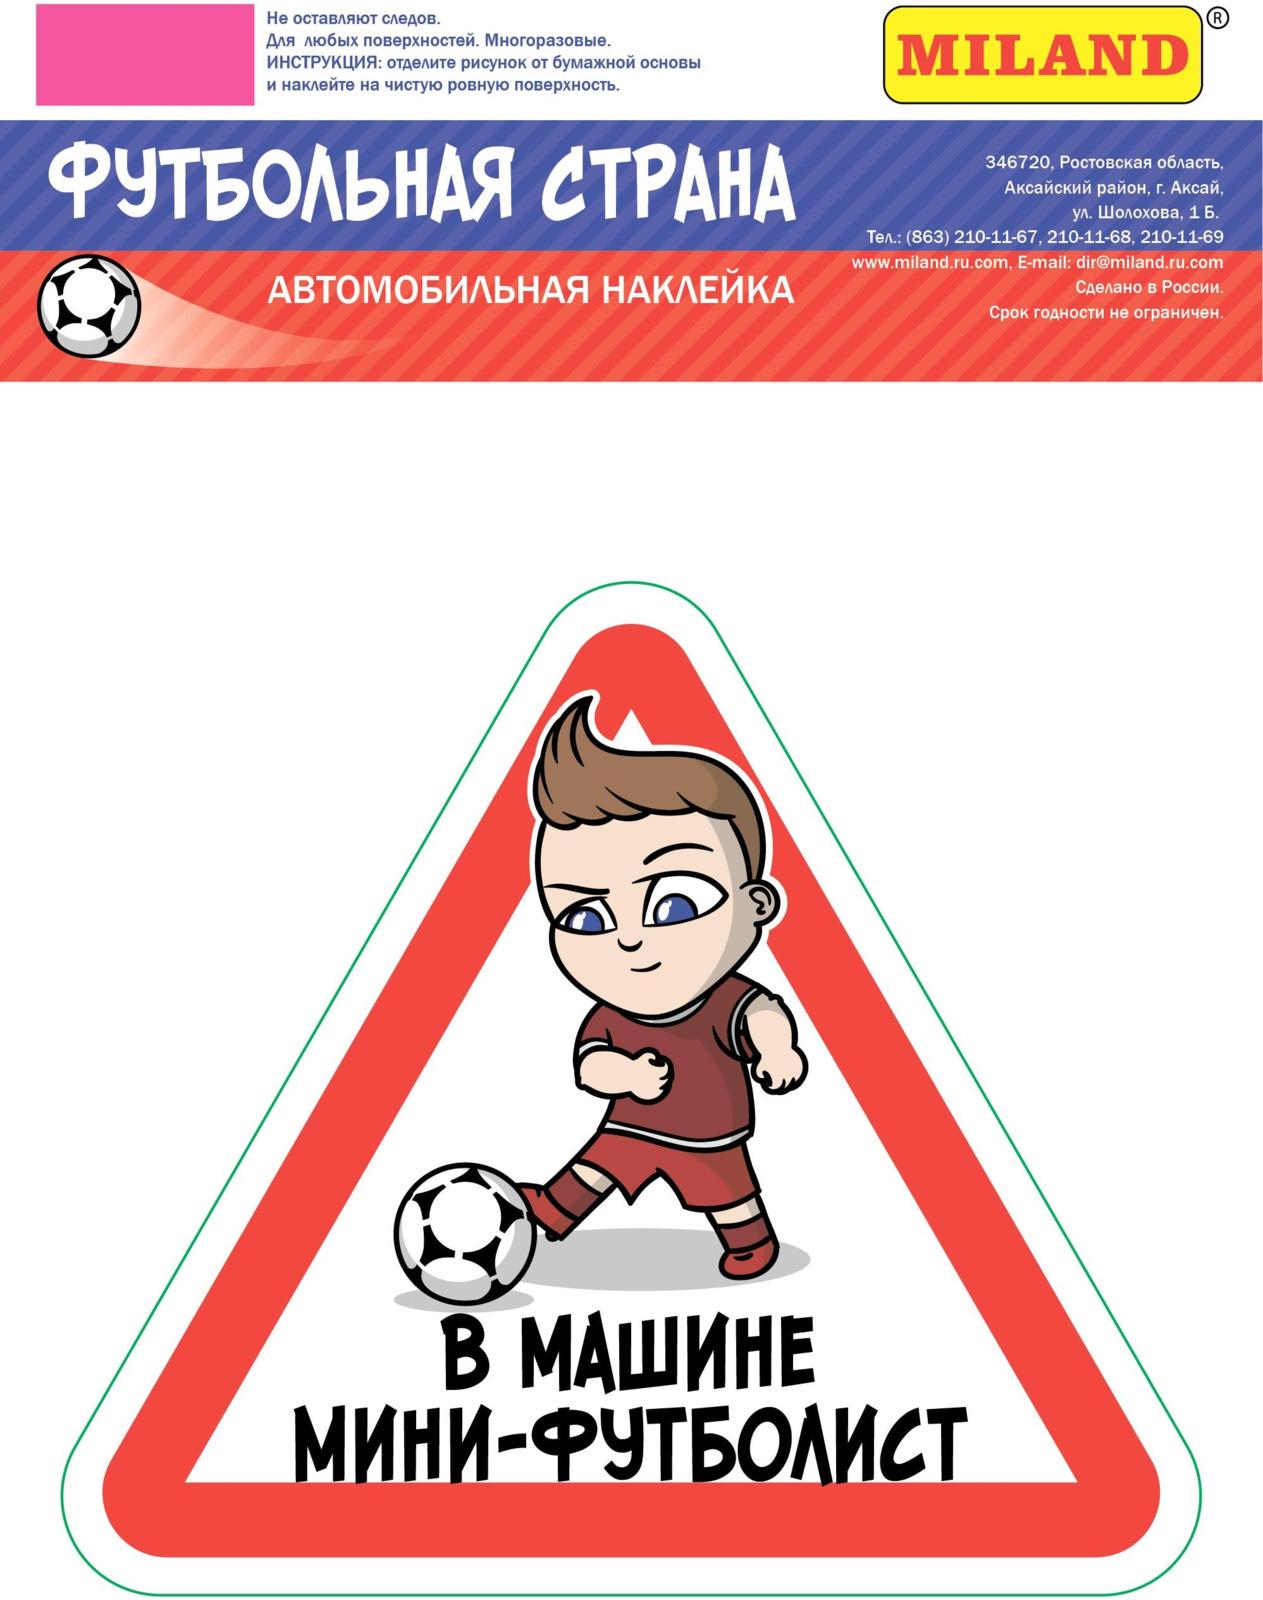 """Наклейка на авто Miland Футбольная страна """"Мини-футболист"""", НА-2490"""